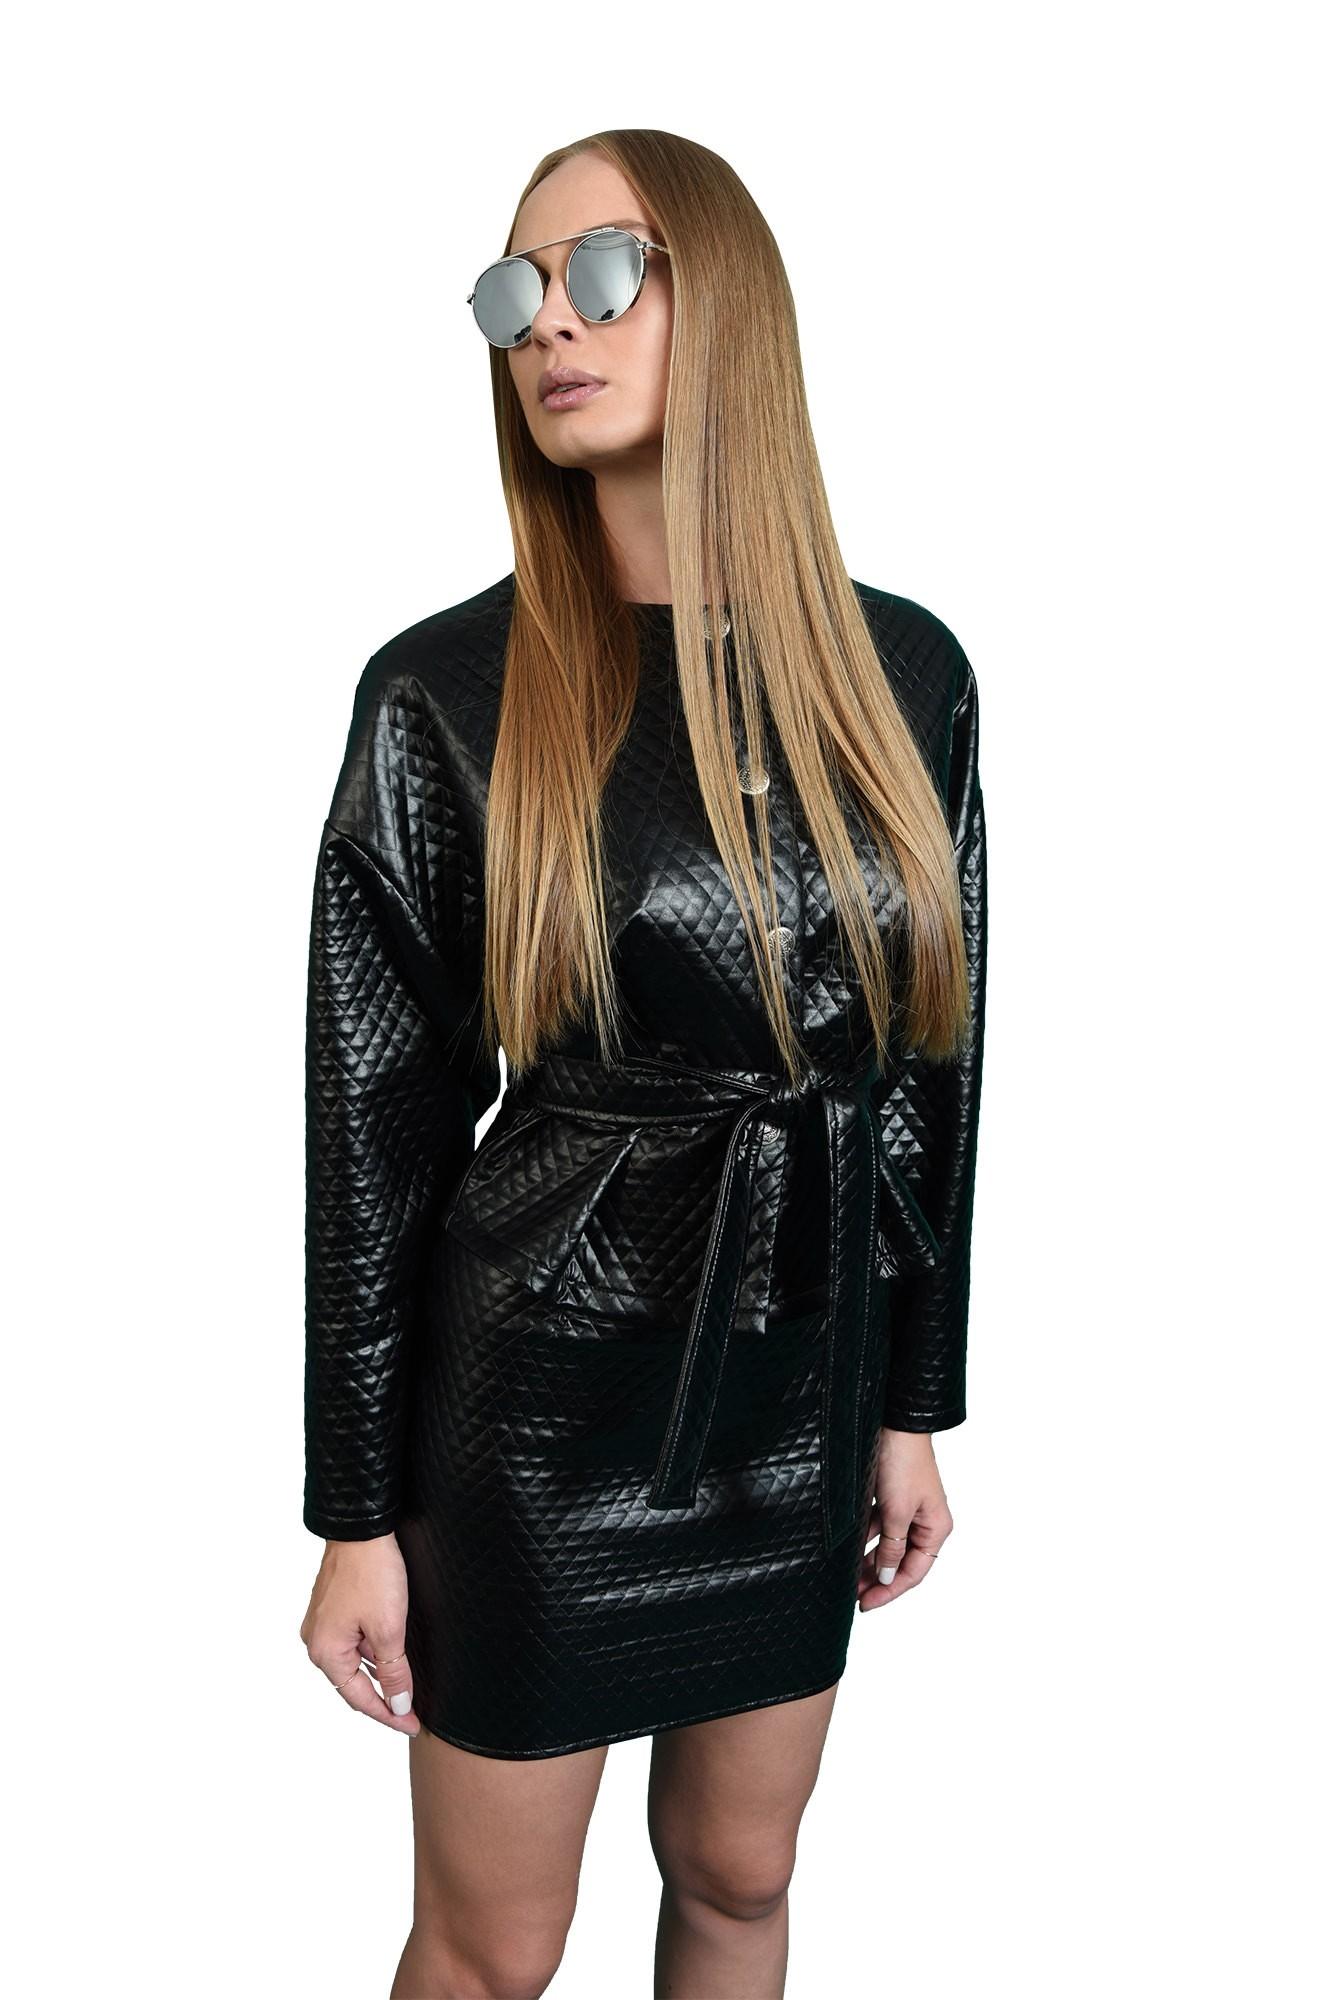 compleu negru, cu fusta scurta, cu jacheta cu capse